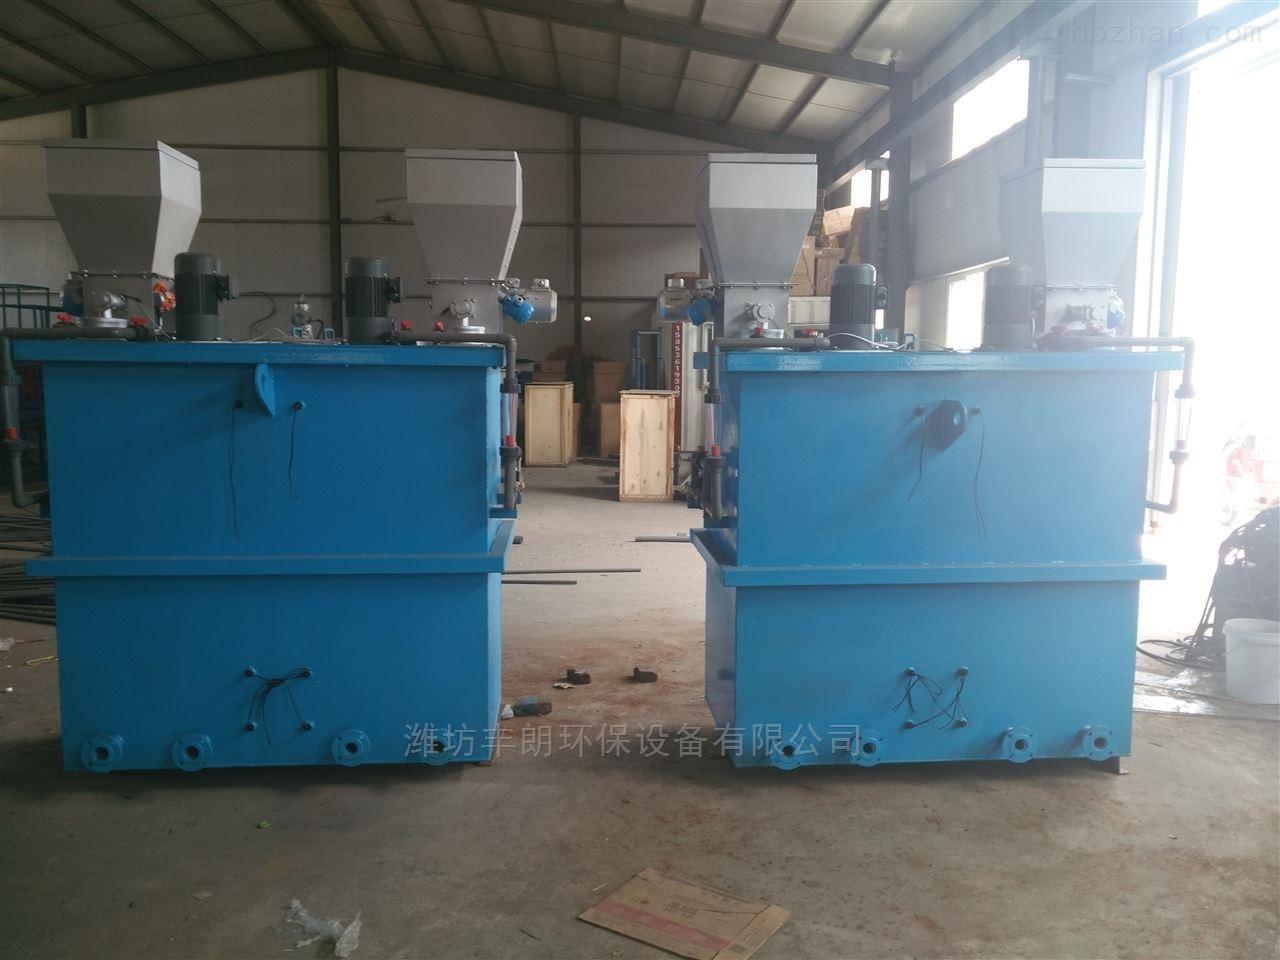 山东潍坊PAM干粉自动下料装置生产厂家